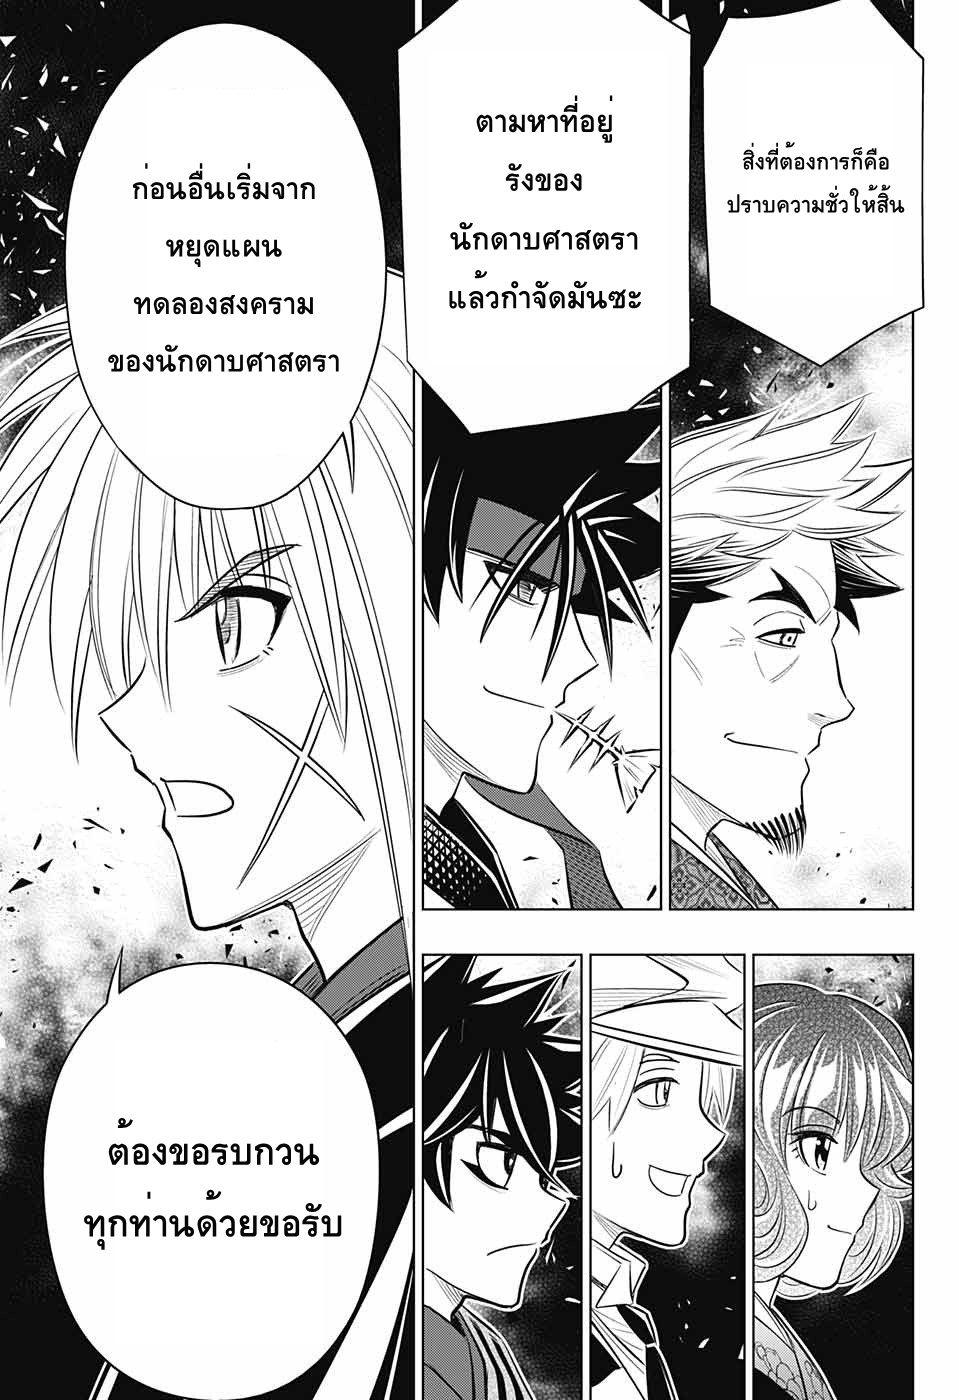 อ่านการ์ตูน Rurouni Kenshin: Hokkaido Arc ตอนที่ 14 หน้าที่ 25